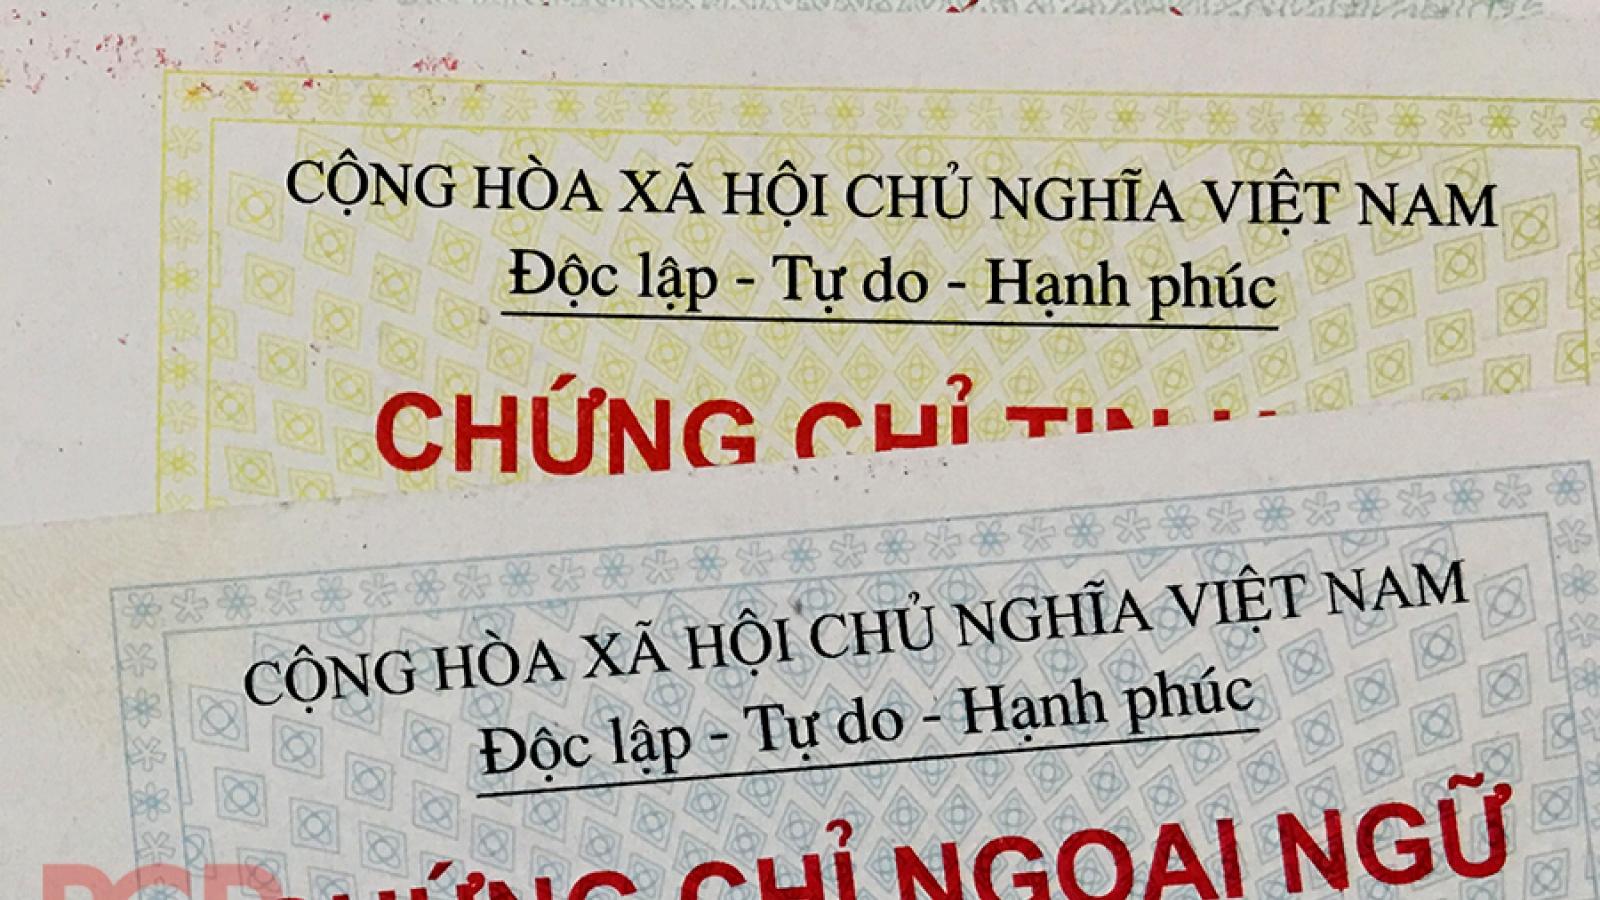 Cấp chứng chỉ năng lực ngoại ngữ trái phép bị phạt đến 100 triệu đồng